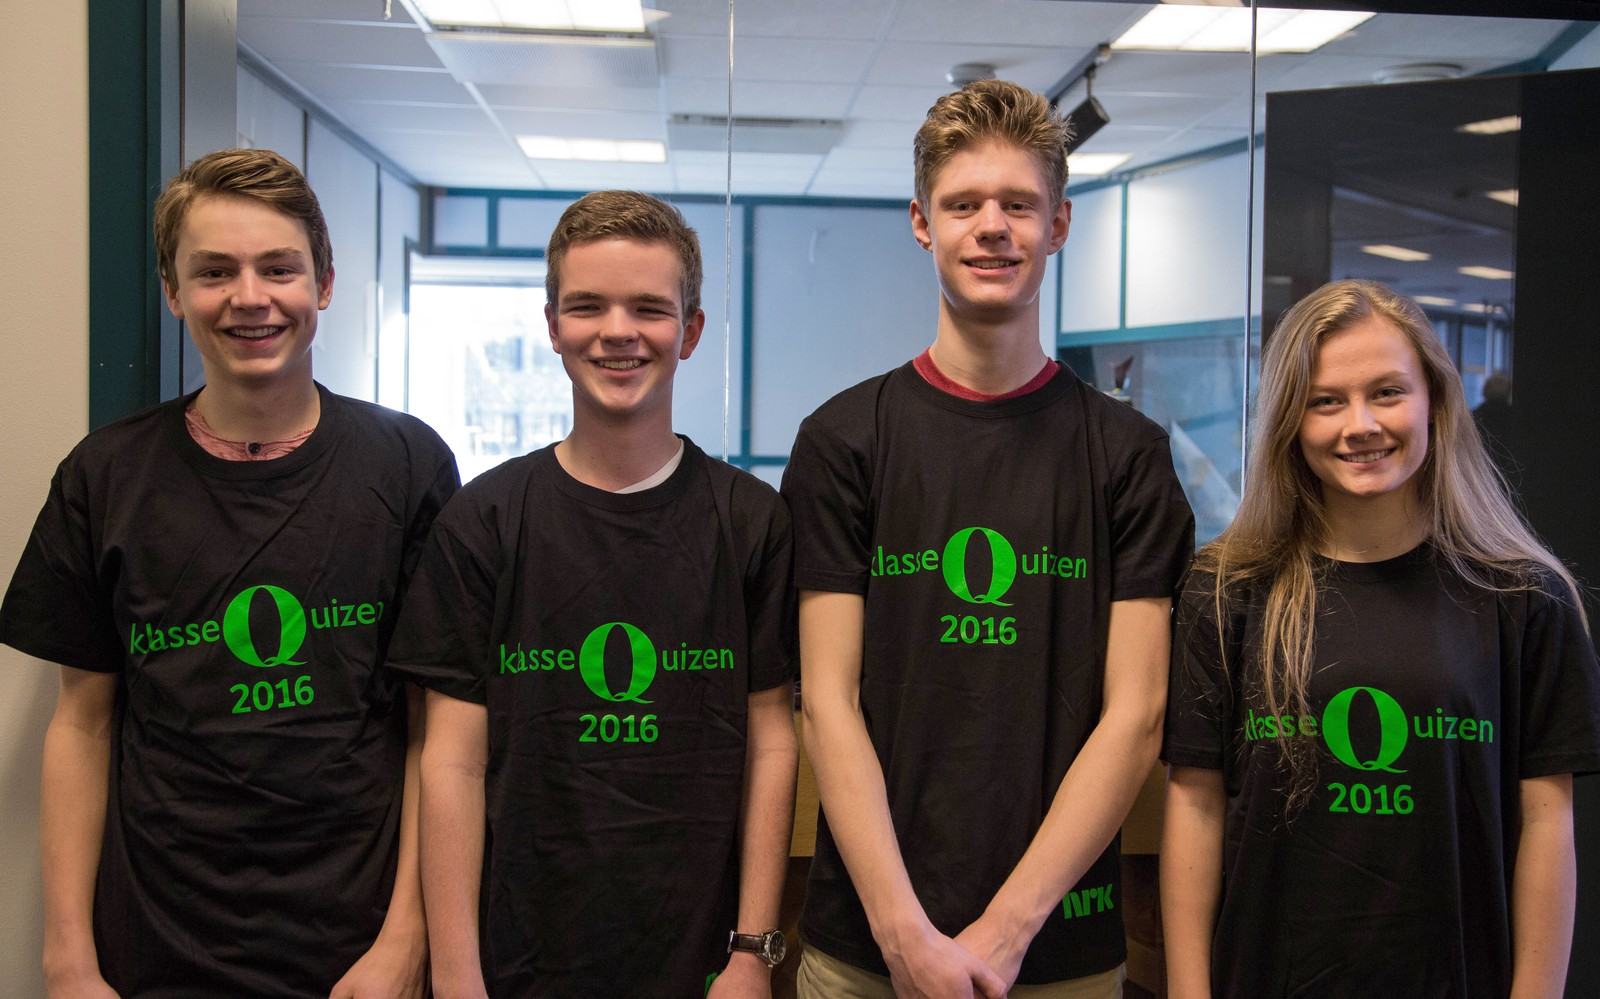 TI POENG: Gosen skole svarte riktig på ti av tolv spørsmål. Laget bestod av Benjamin Fossan, Hans August Kårvik og Elise Lilletvedt Årsland.